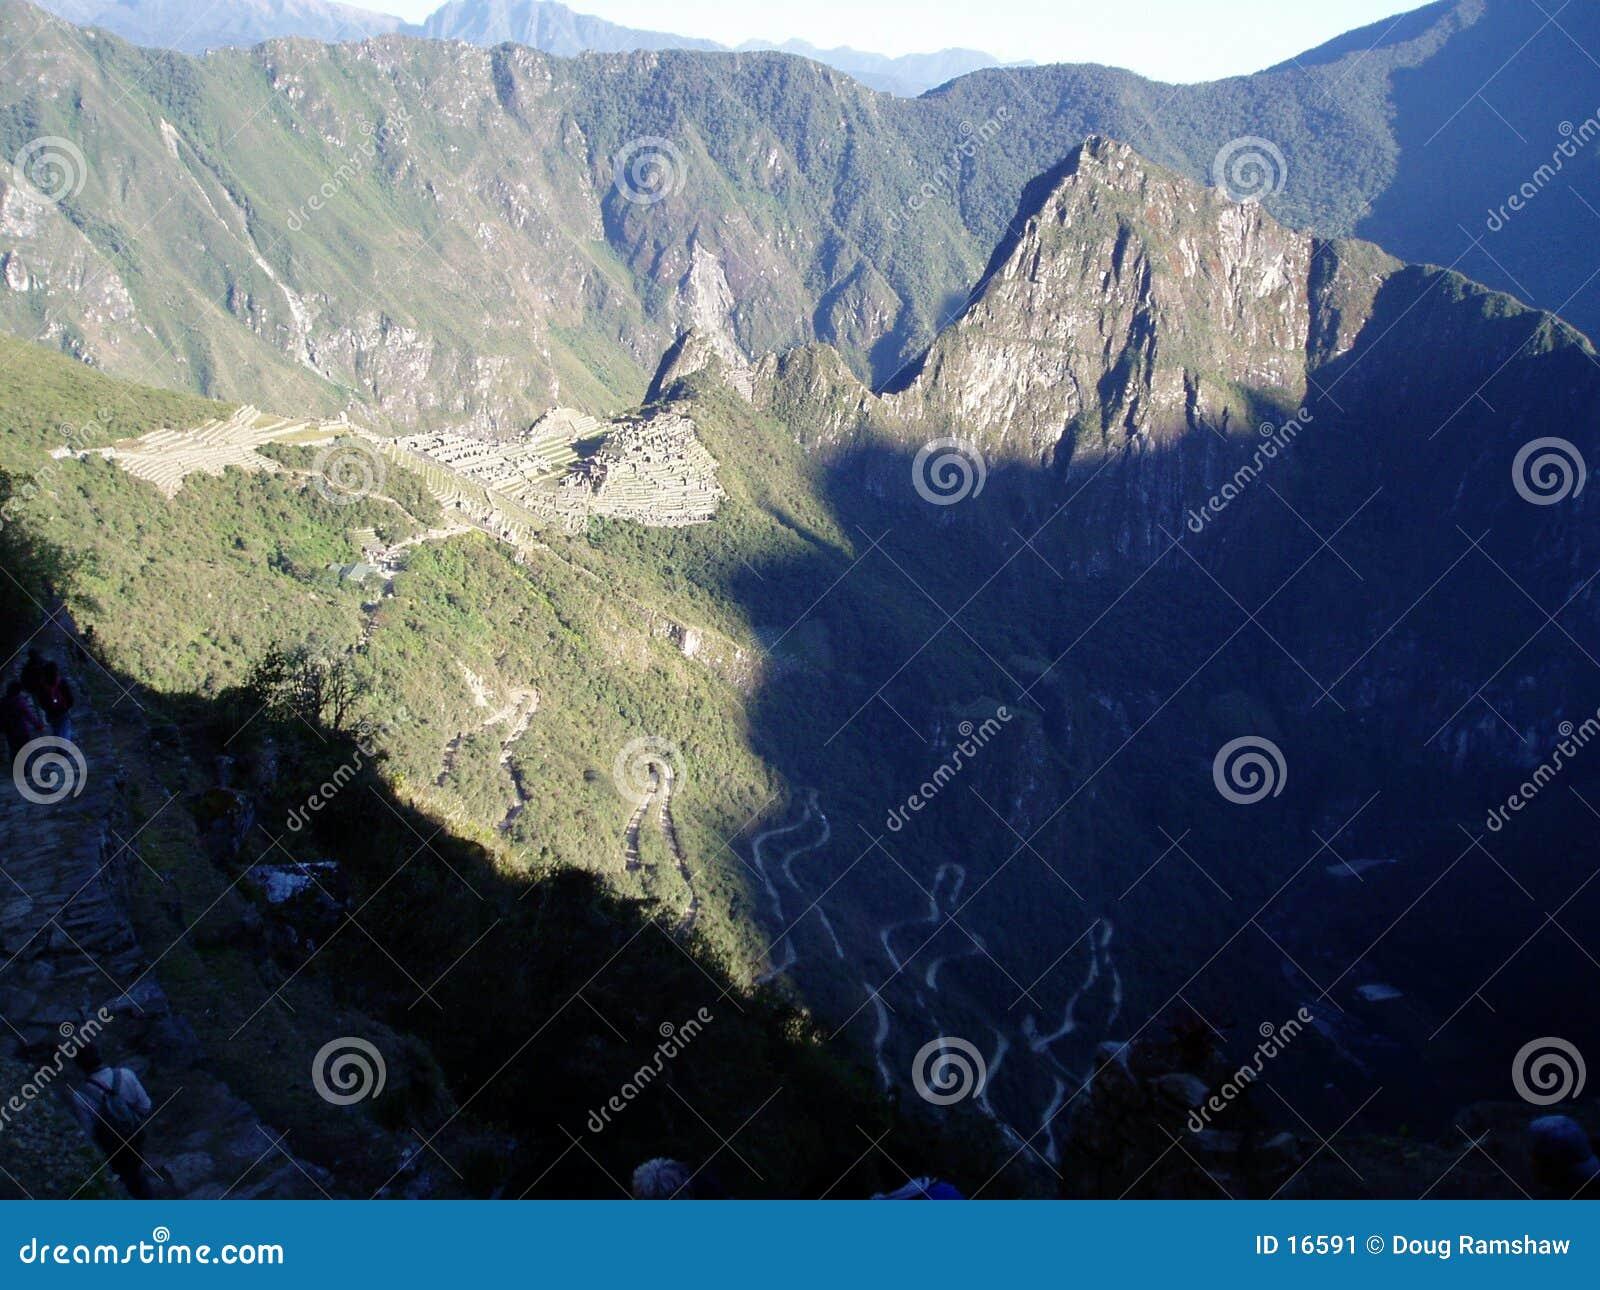 Sunrise over Machu Pichu